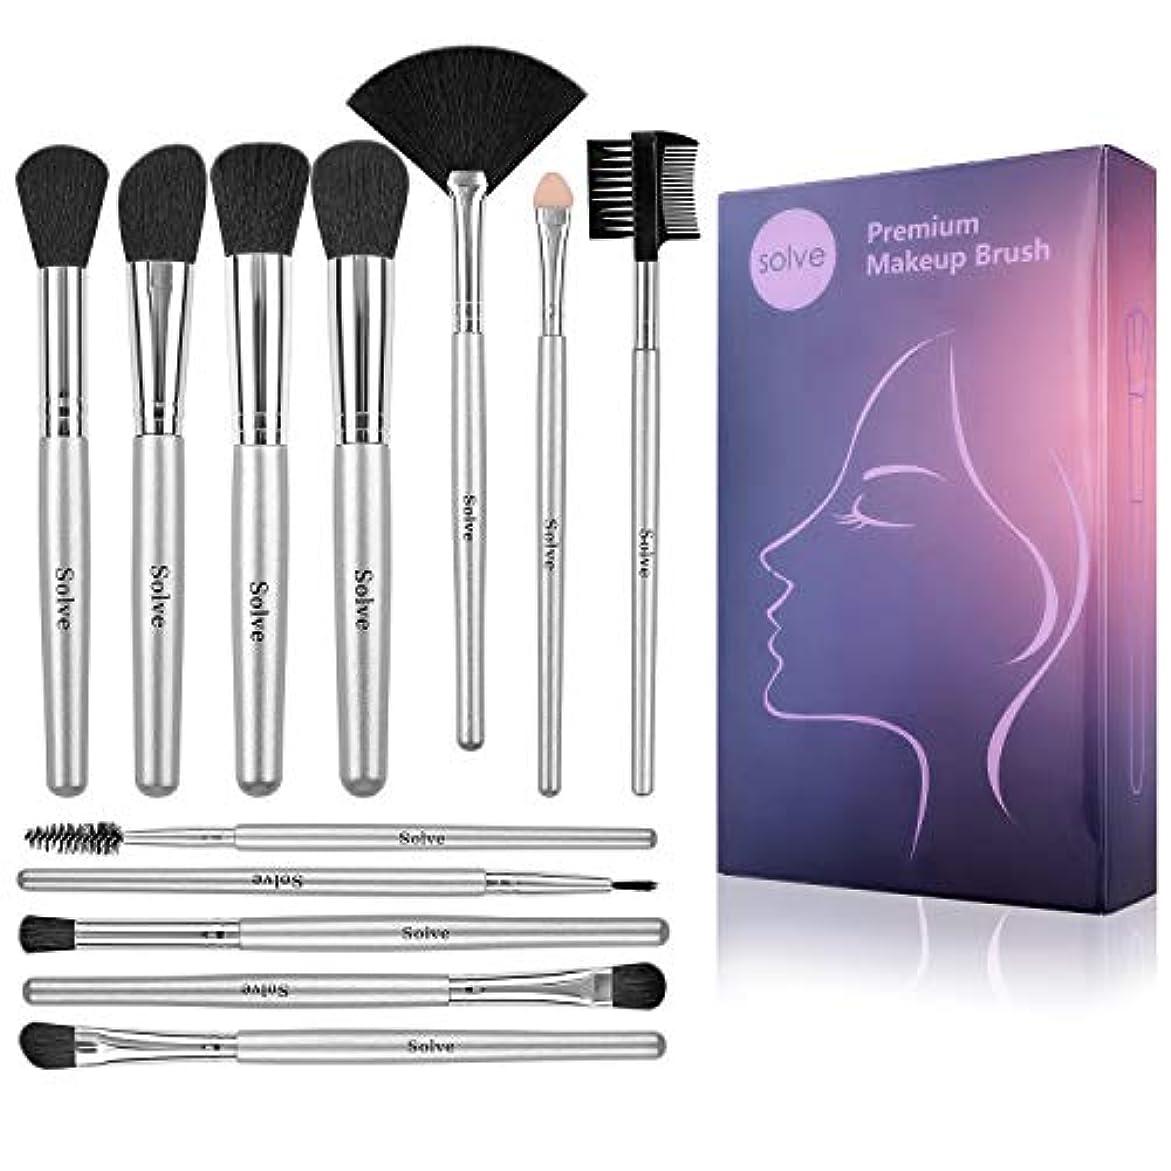 ペンしょっぱい論争的SOLVE メイクブラシ 12本化粧筆 シルバーセット 柔らかい化粧ブラシ 付き収納便利